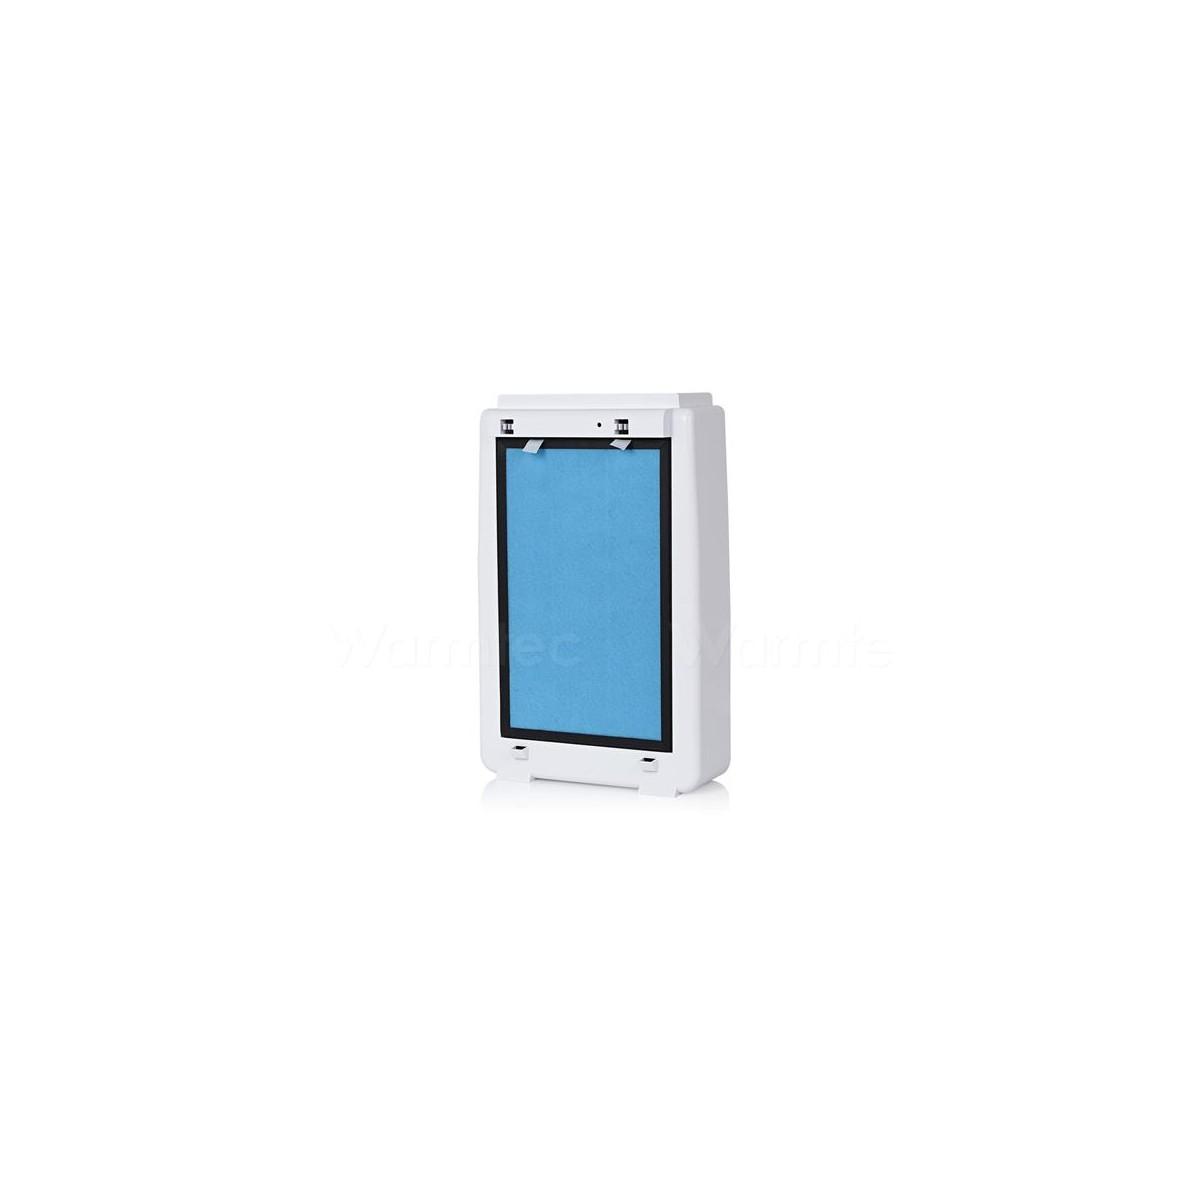 Oczyszczacz powietrza WARMTEC AP077W-363